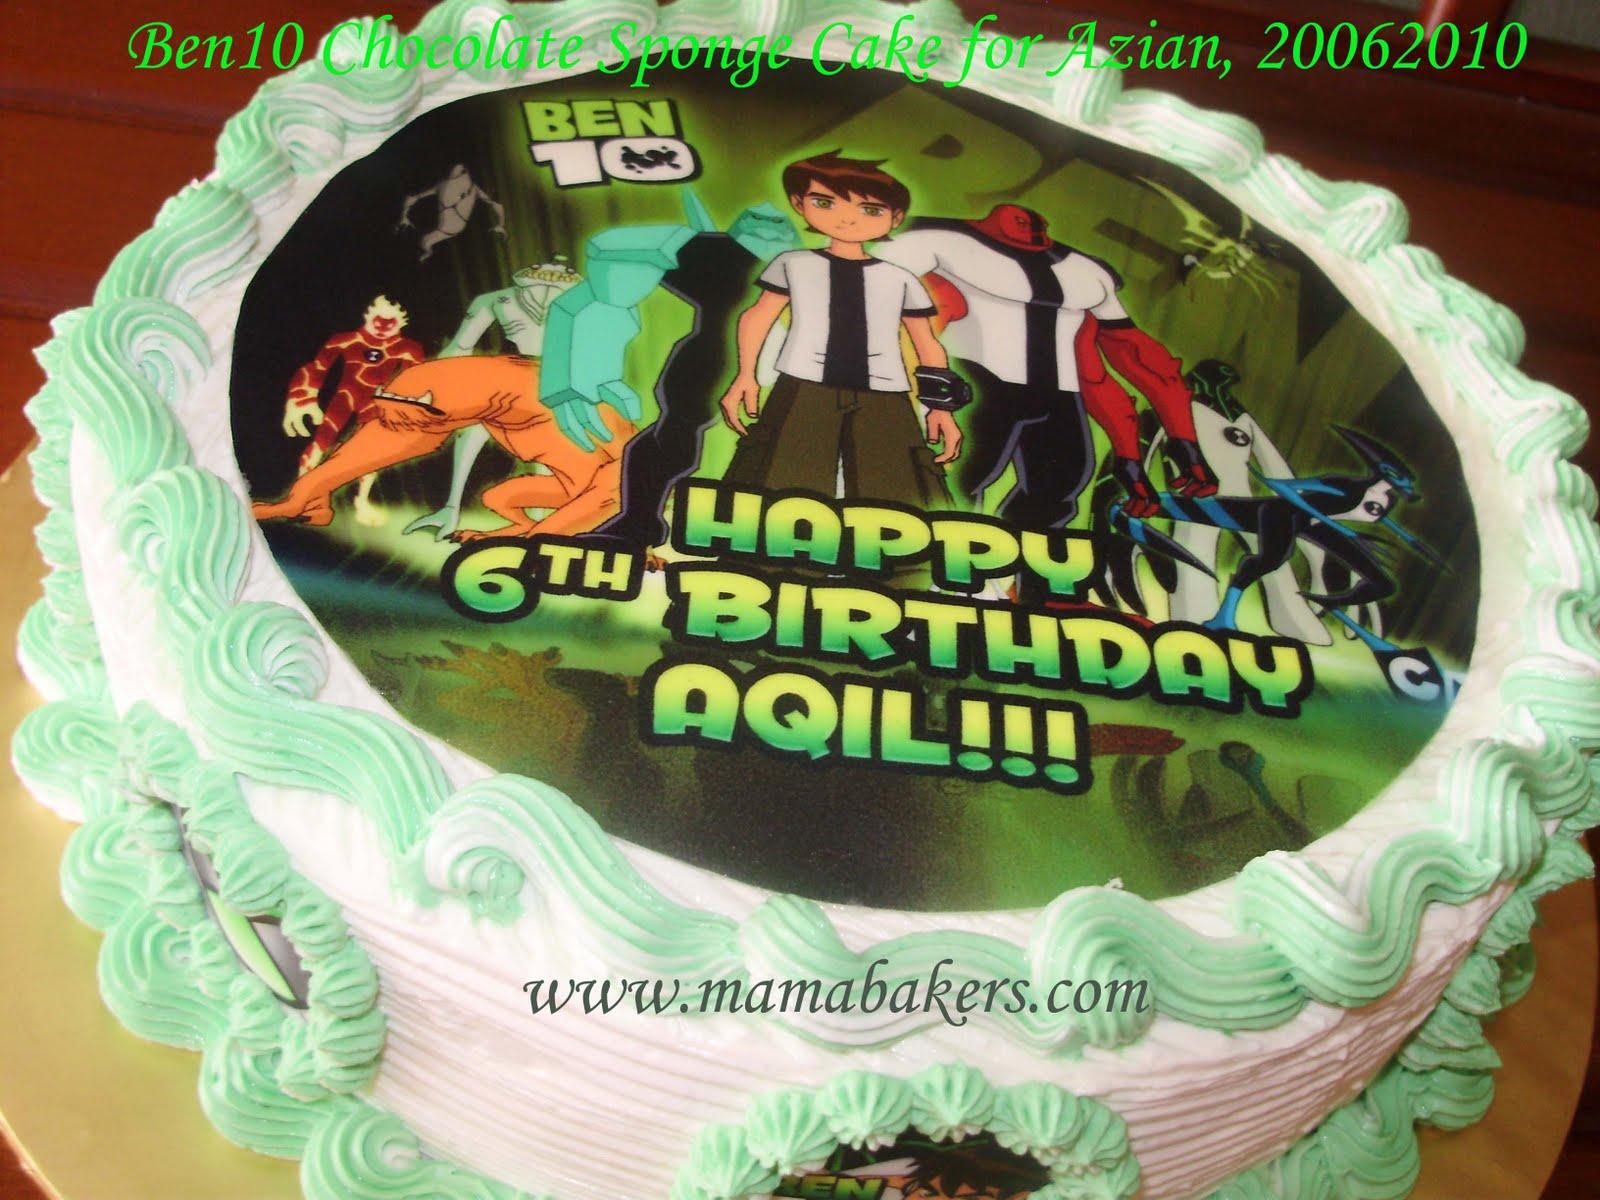 Singgah Ler Ke Mamabakers Ben 10 Cake For Aqil